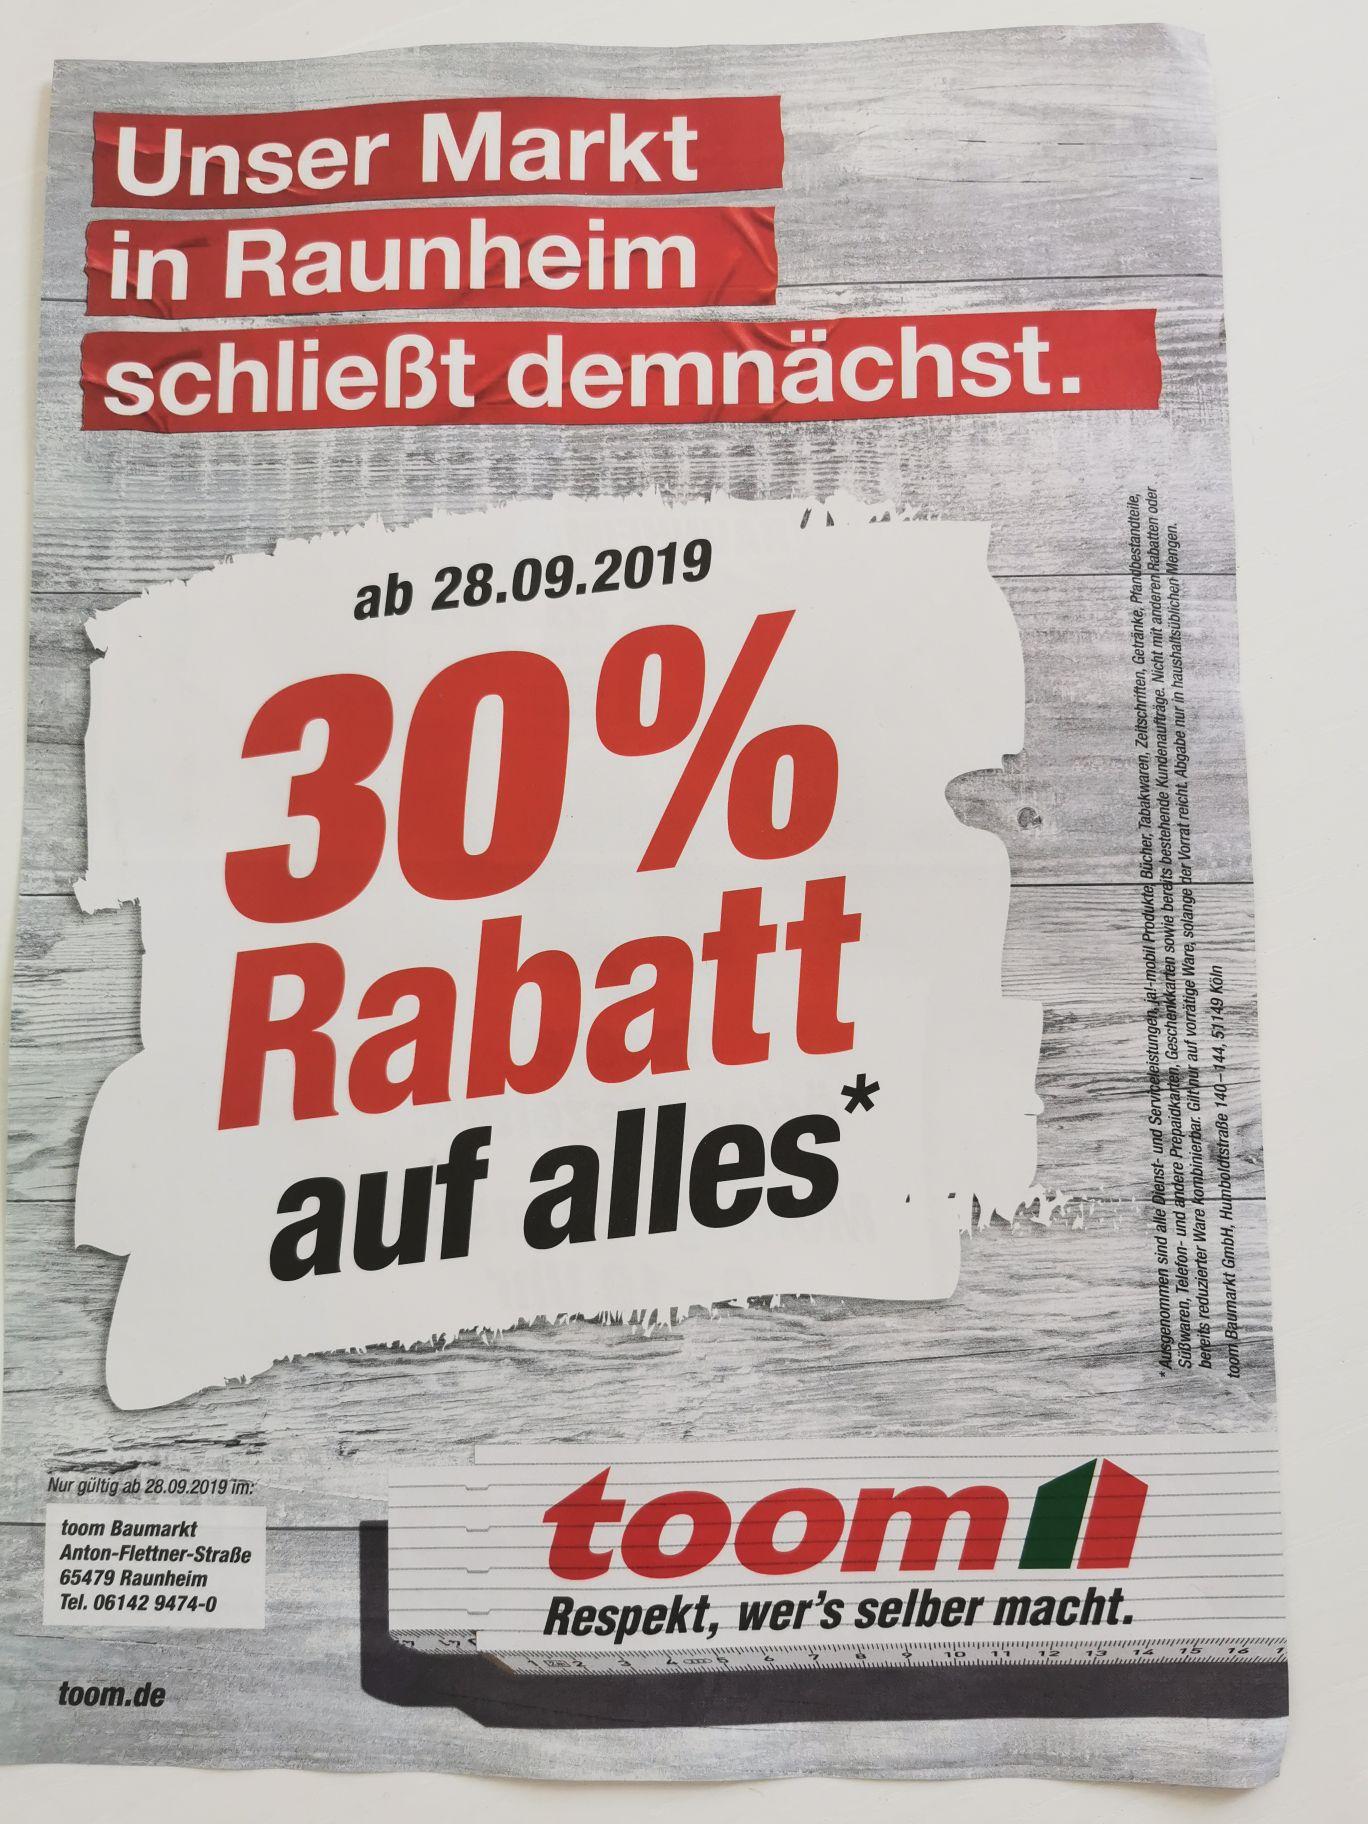 Toom Baumarkt Raunheim - 50% auf alles wegen Schließung